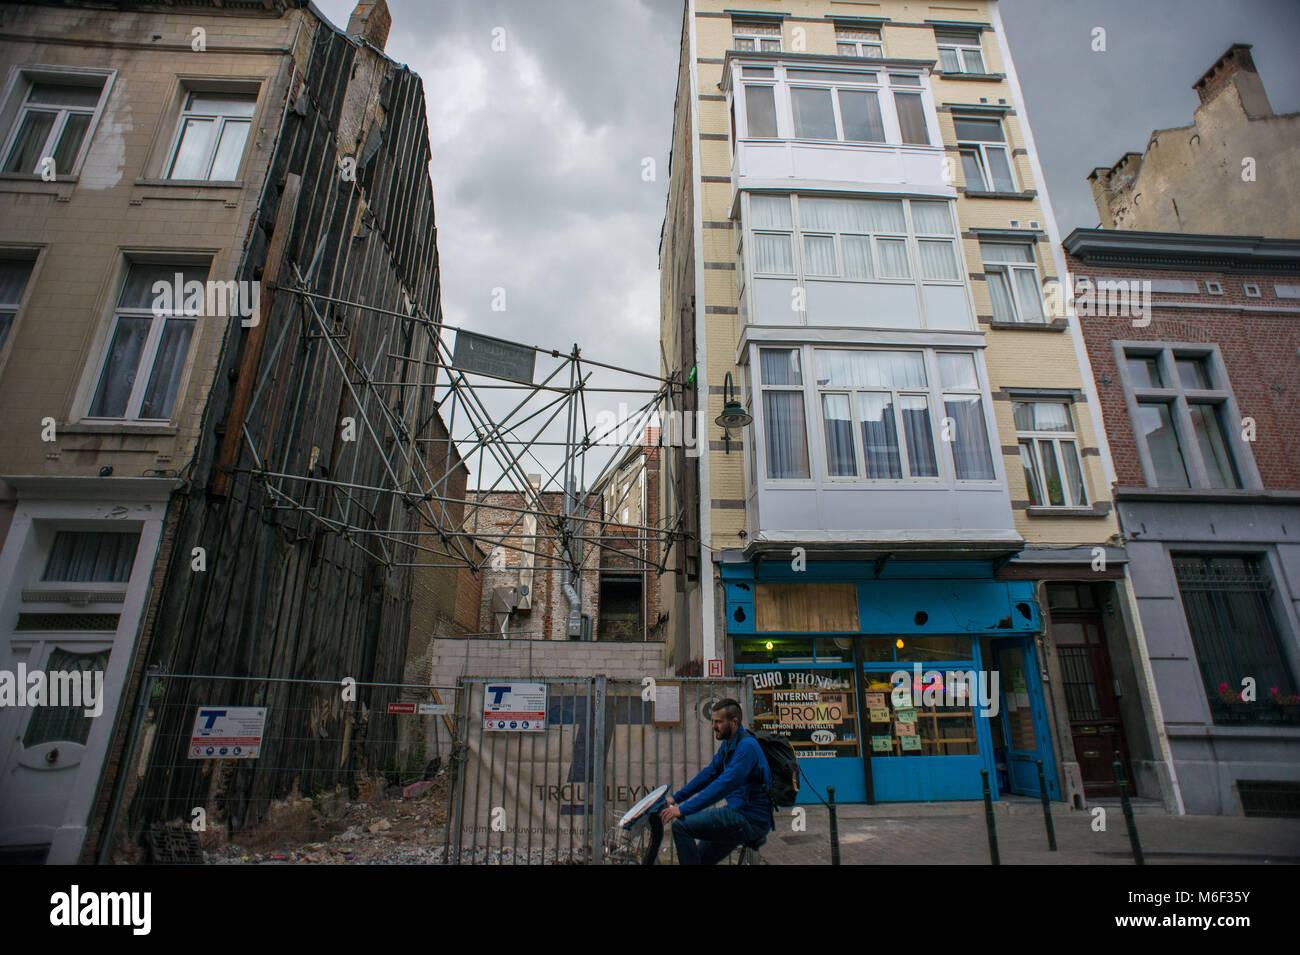 Bruxelles, La Poudriere. Belgium. - Stock Image